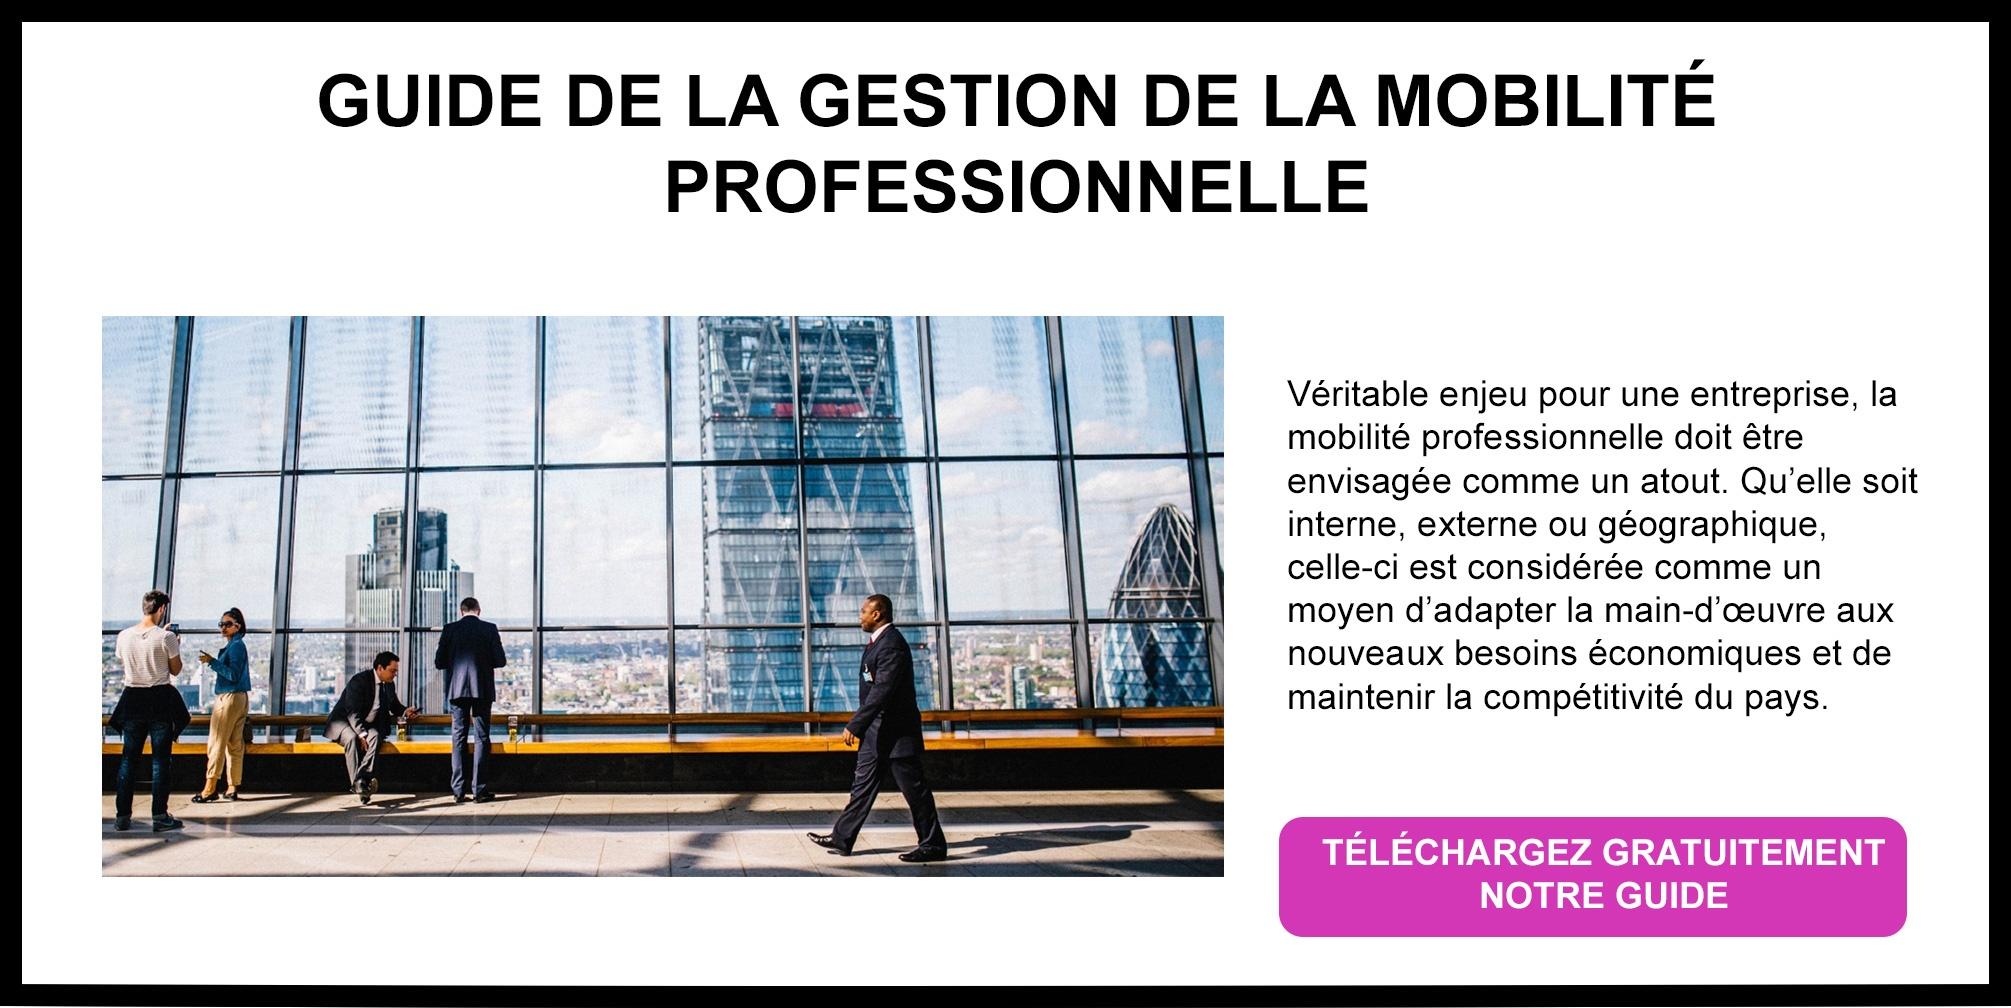 guide-mobilite-profesionnelle